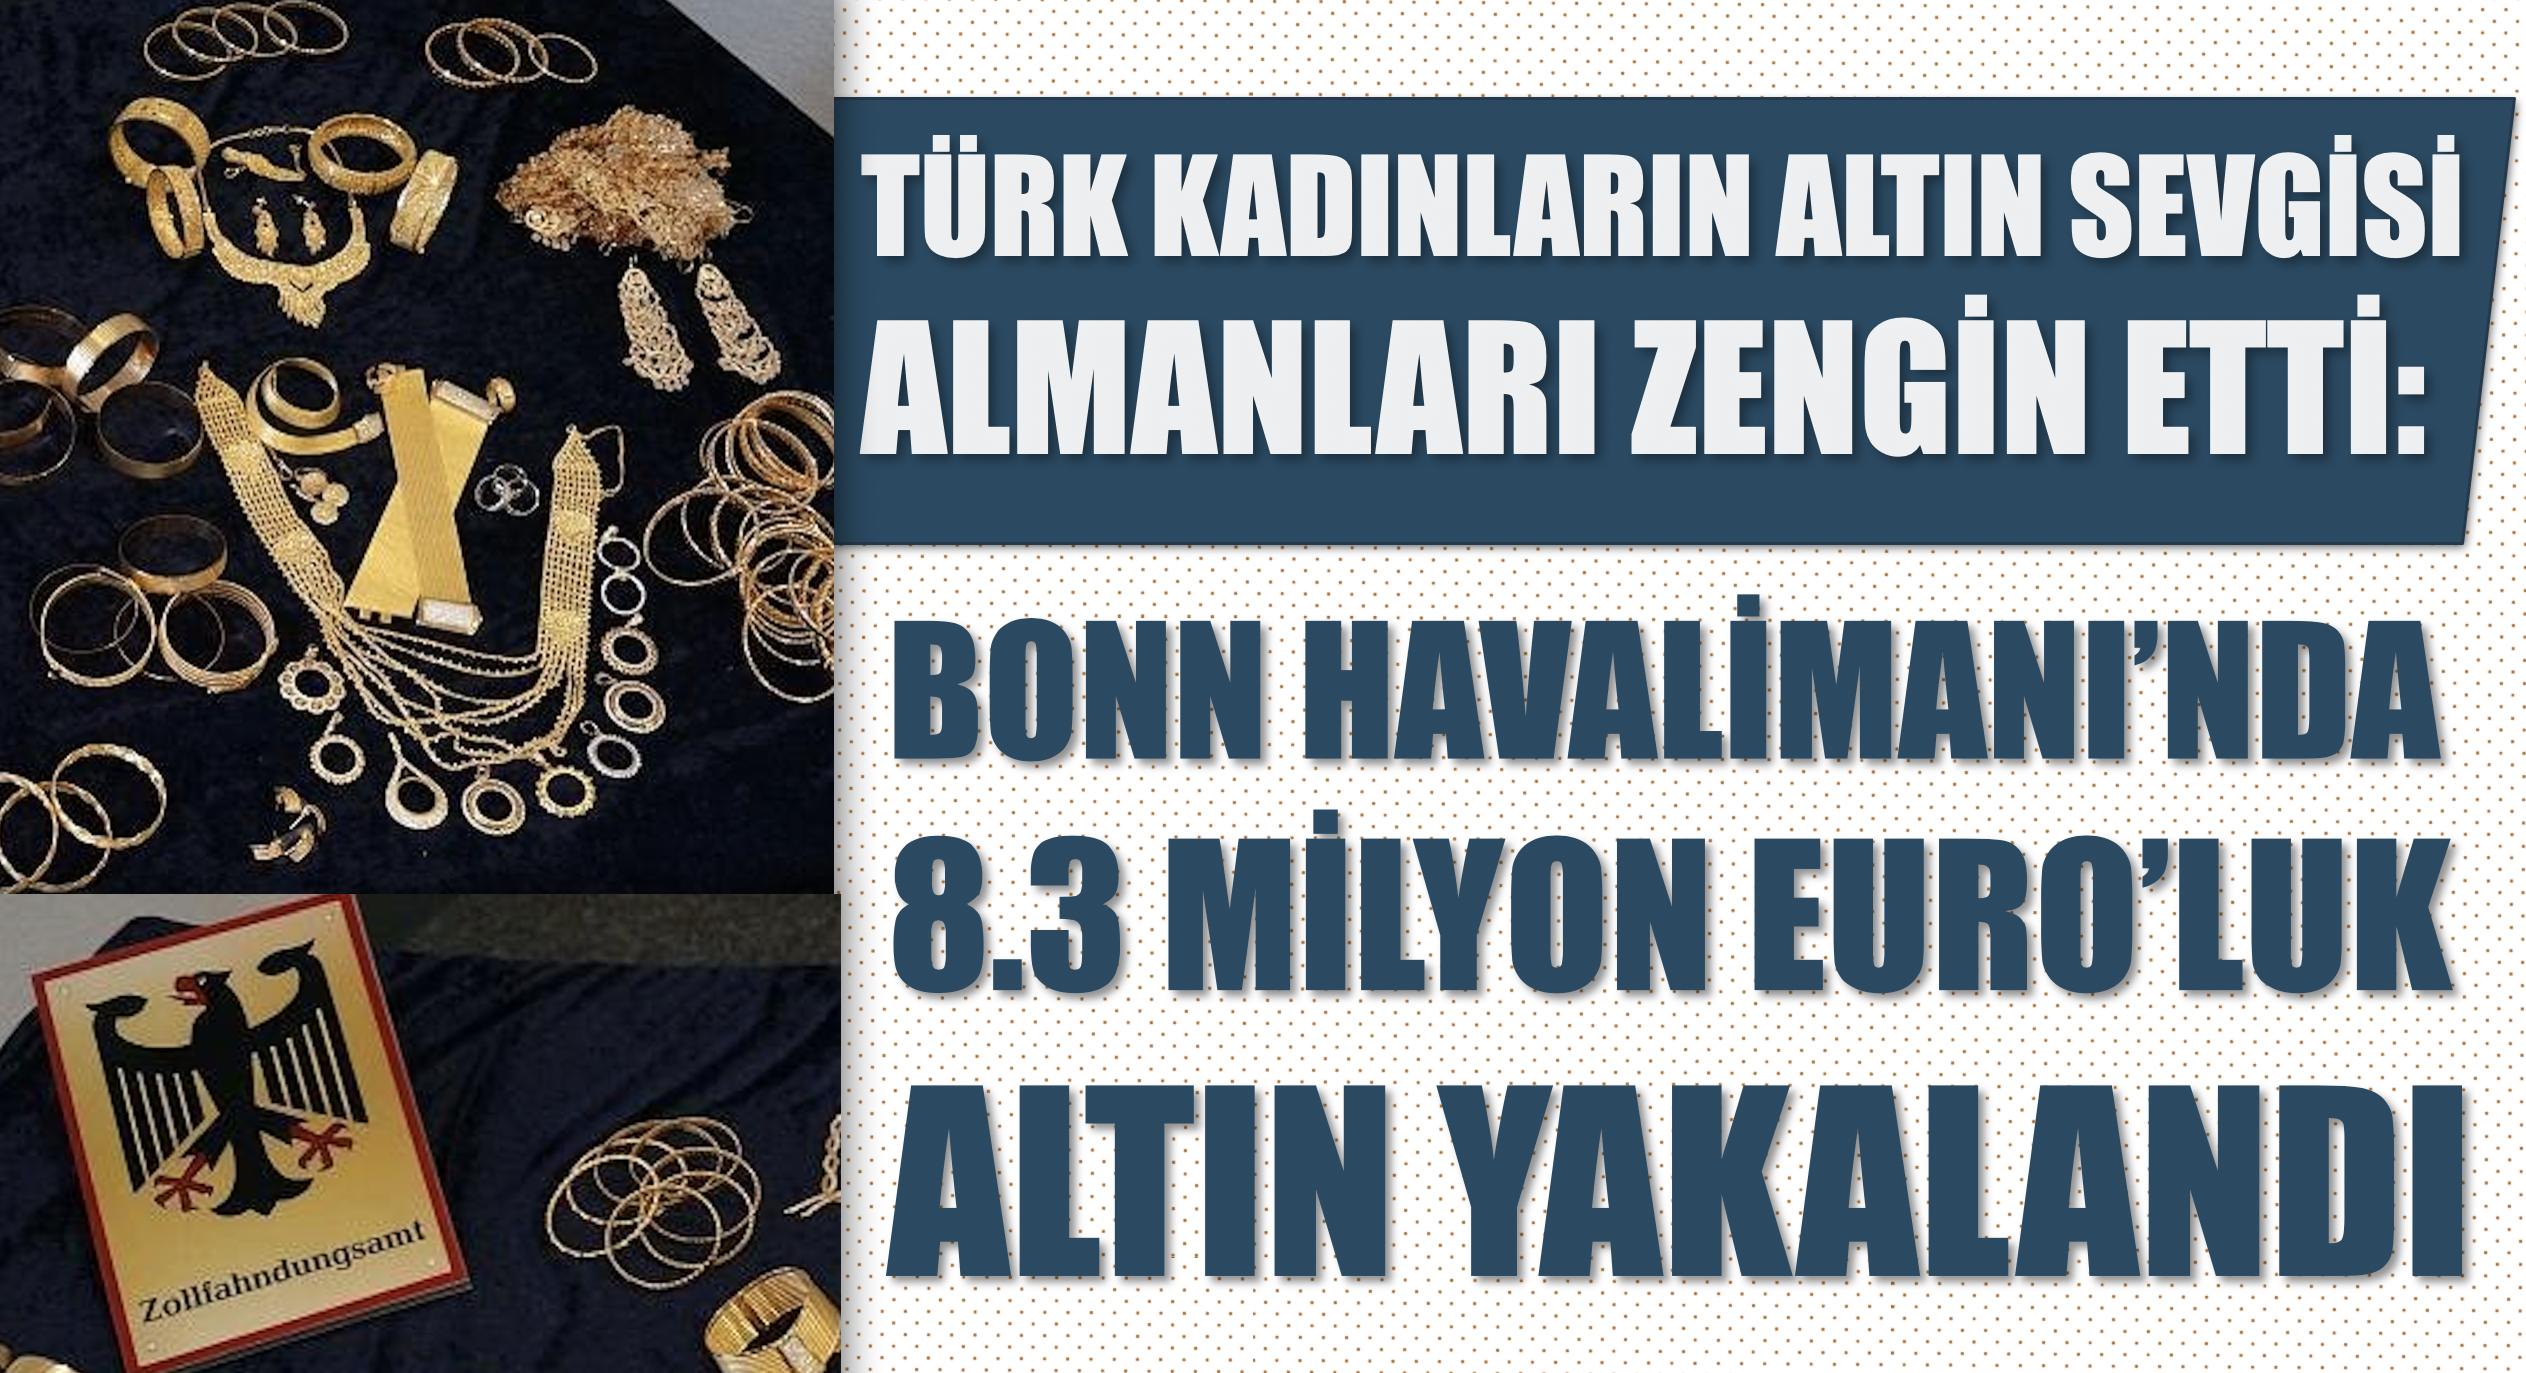 Türk kadınların altın sevgisi Almaları zengin etti: Bonn Havalimanı'nda 8.3 milyon euro'luk altın yakalandı